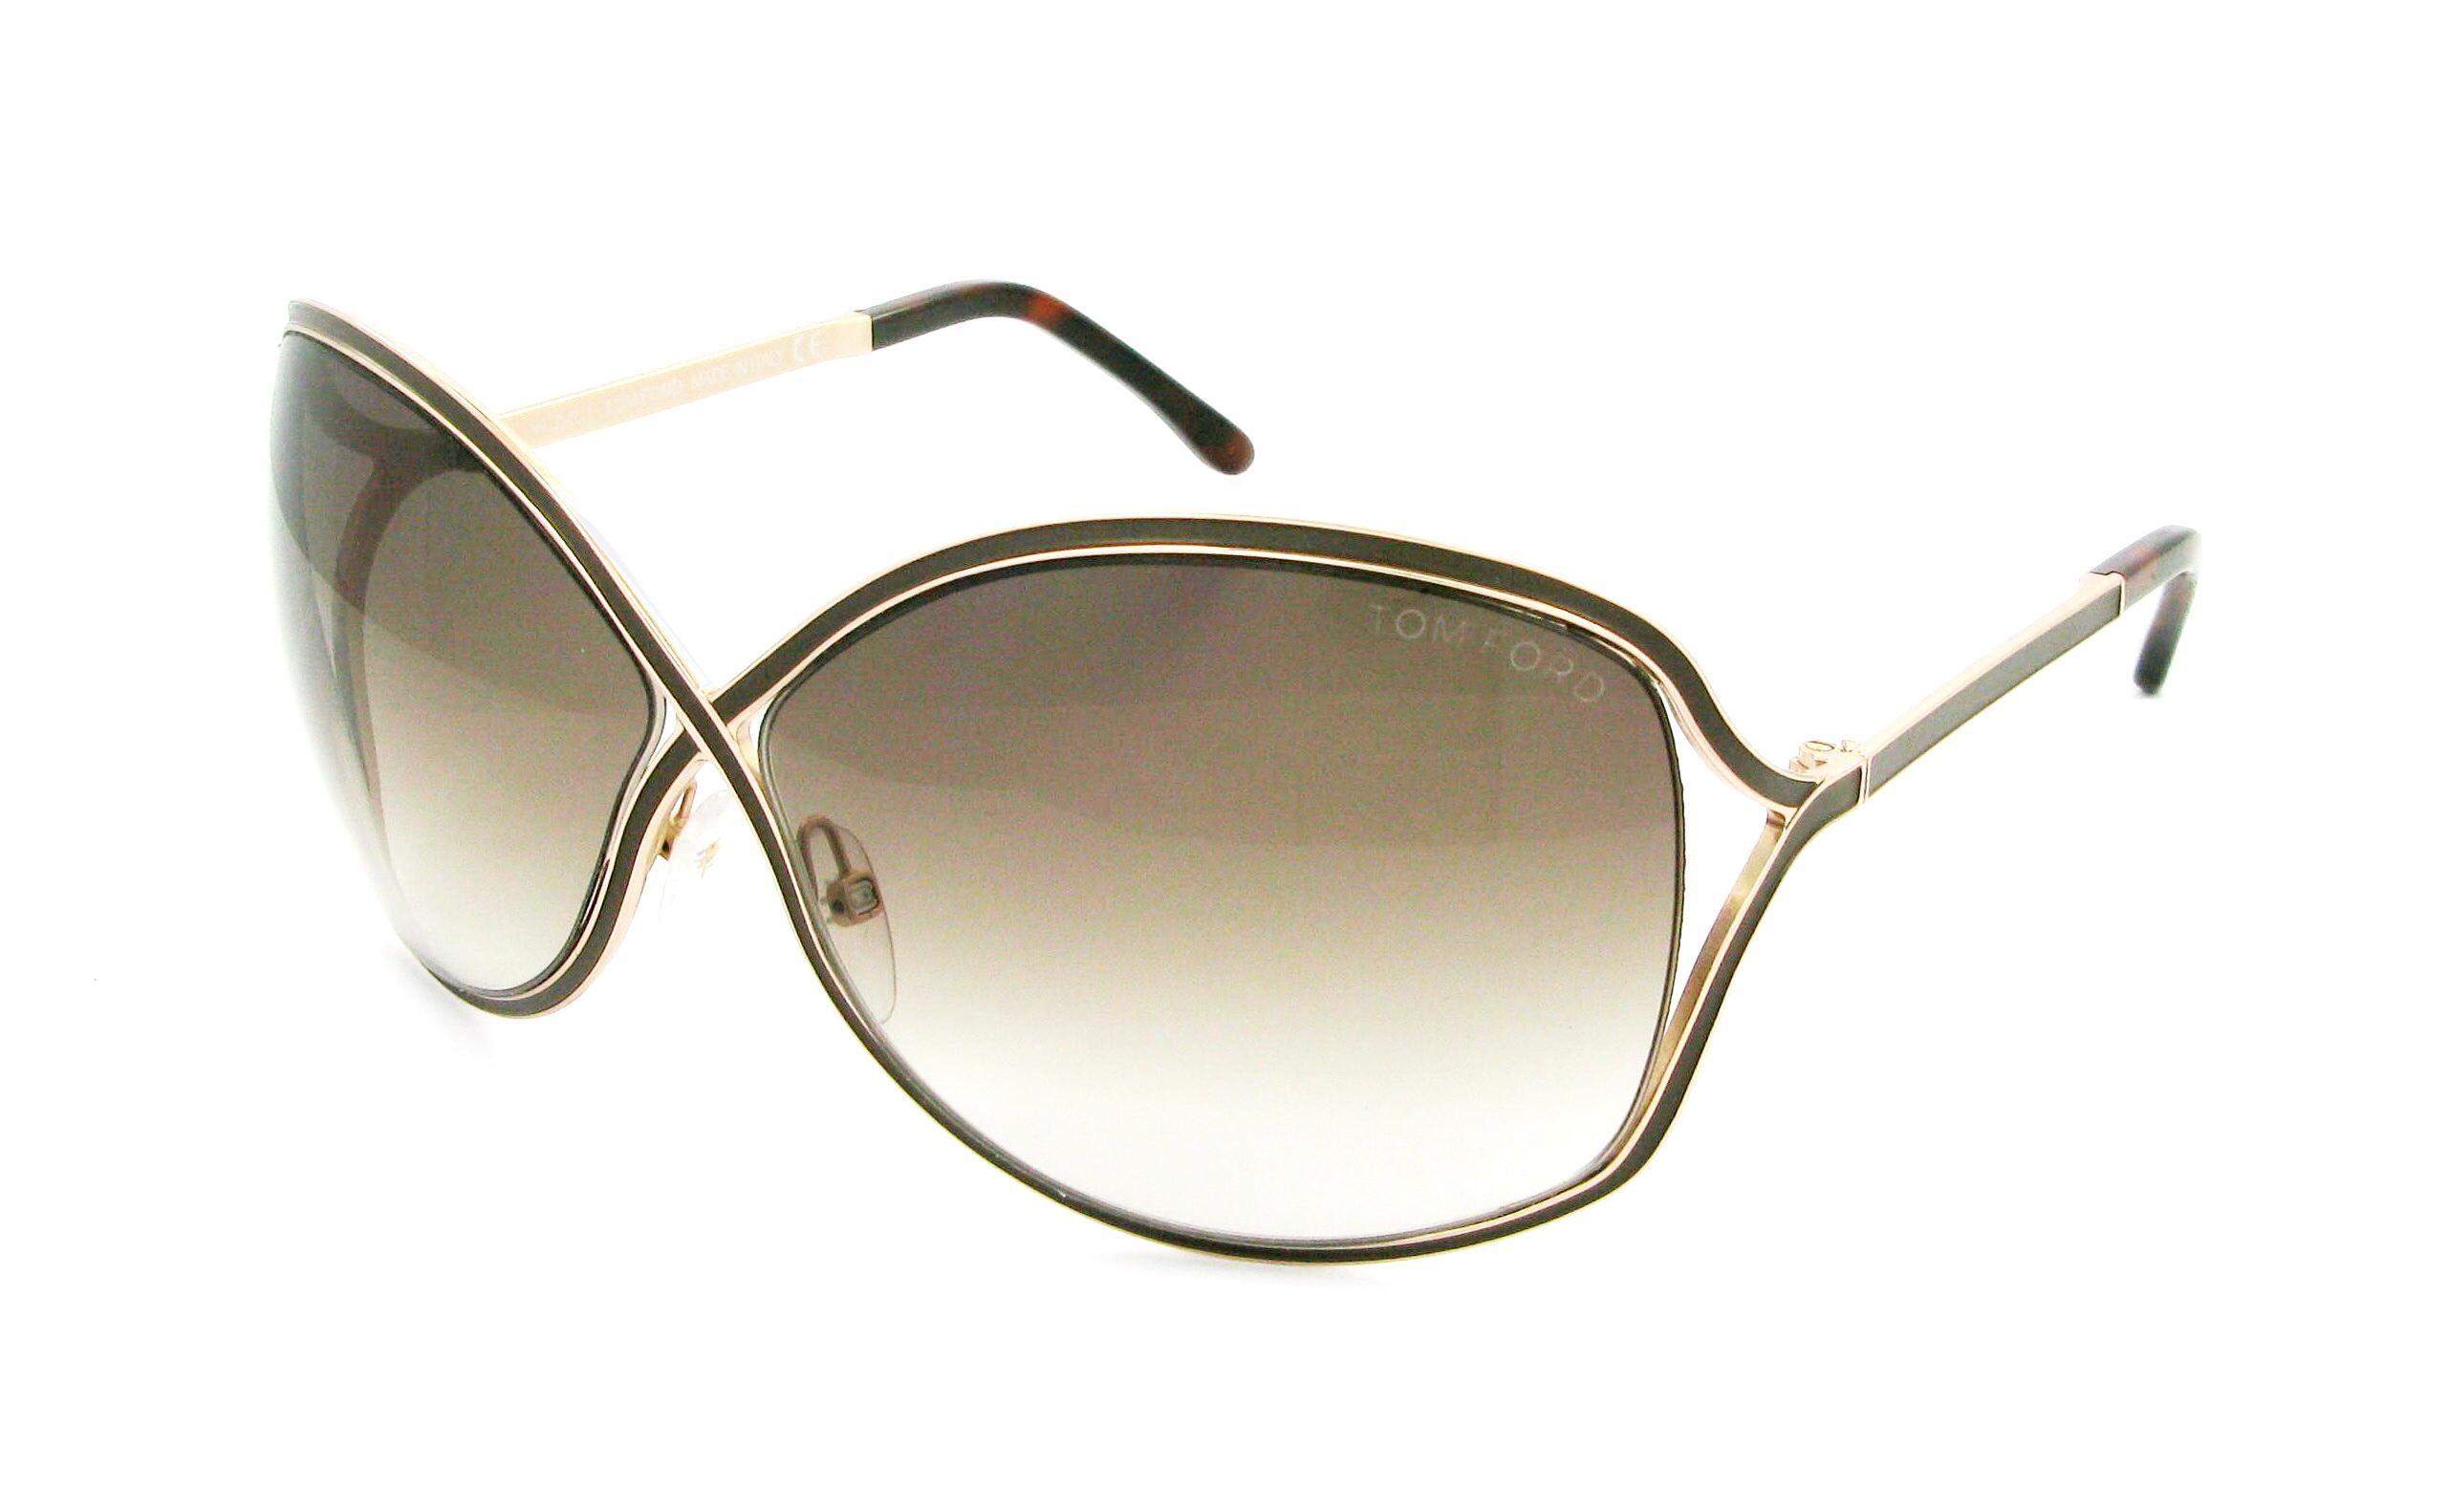 lunettes de soleil tom ford ft 0179 48f 64 11 homme marron ovale nylor fashion 64mmx11mm 309. Black Bedroom Furniture Sets. Home Design Ideas